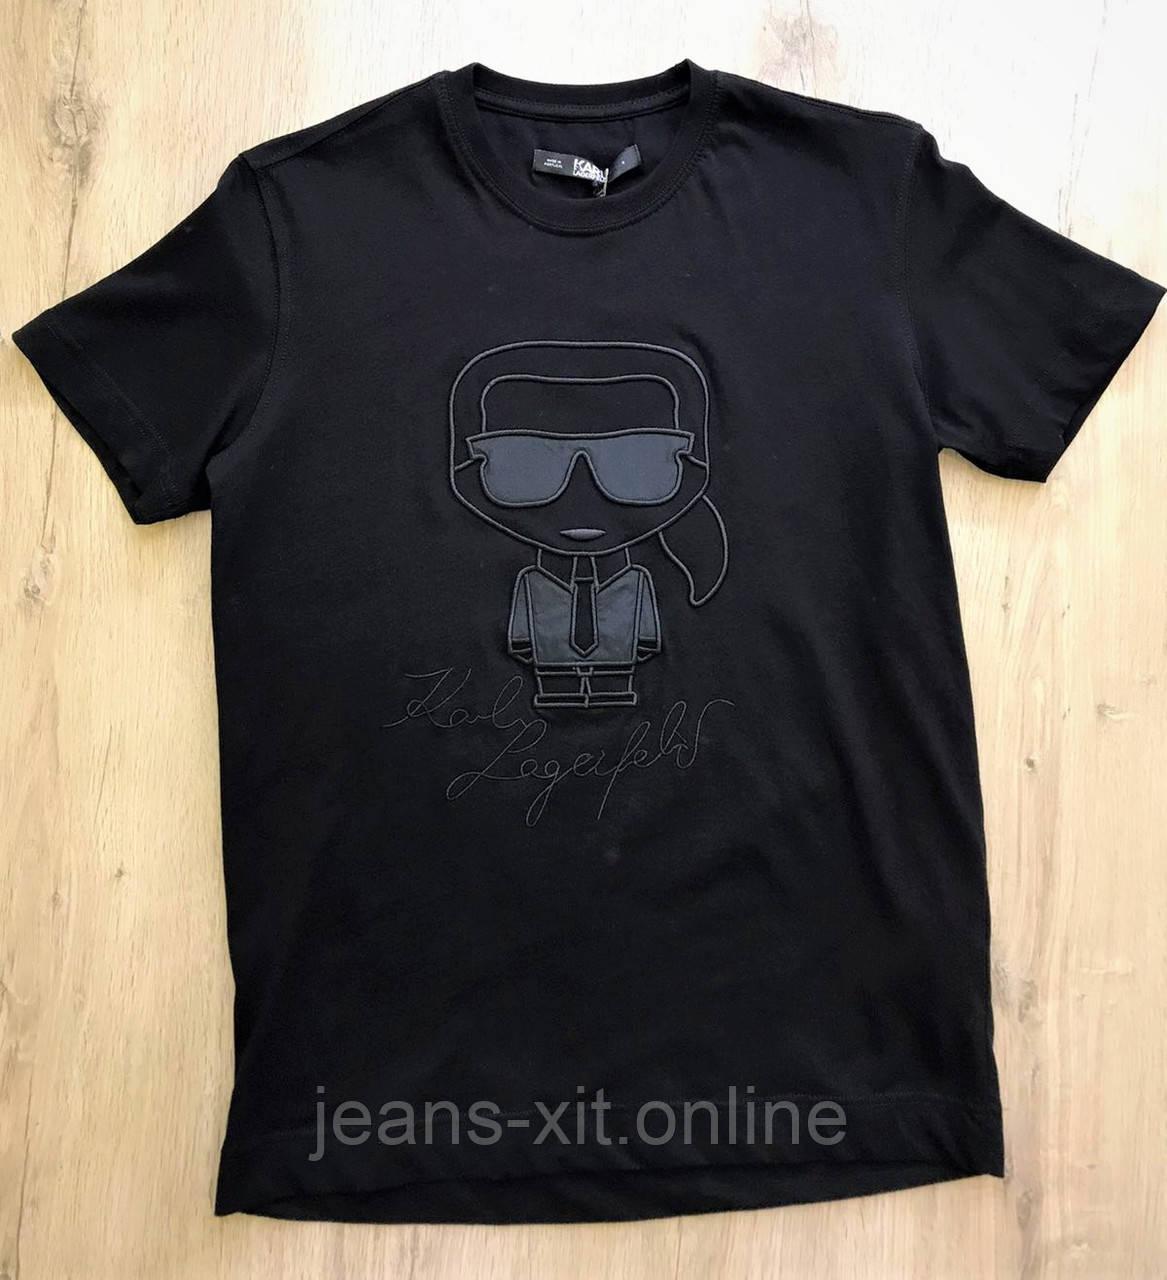 Футболка Чол. 2XL(р) чорний 9080 Karl Lagerfeld Туреччина Літо-D